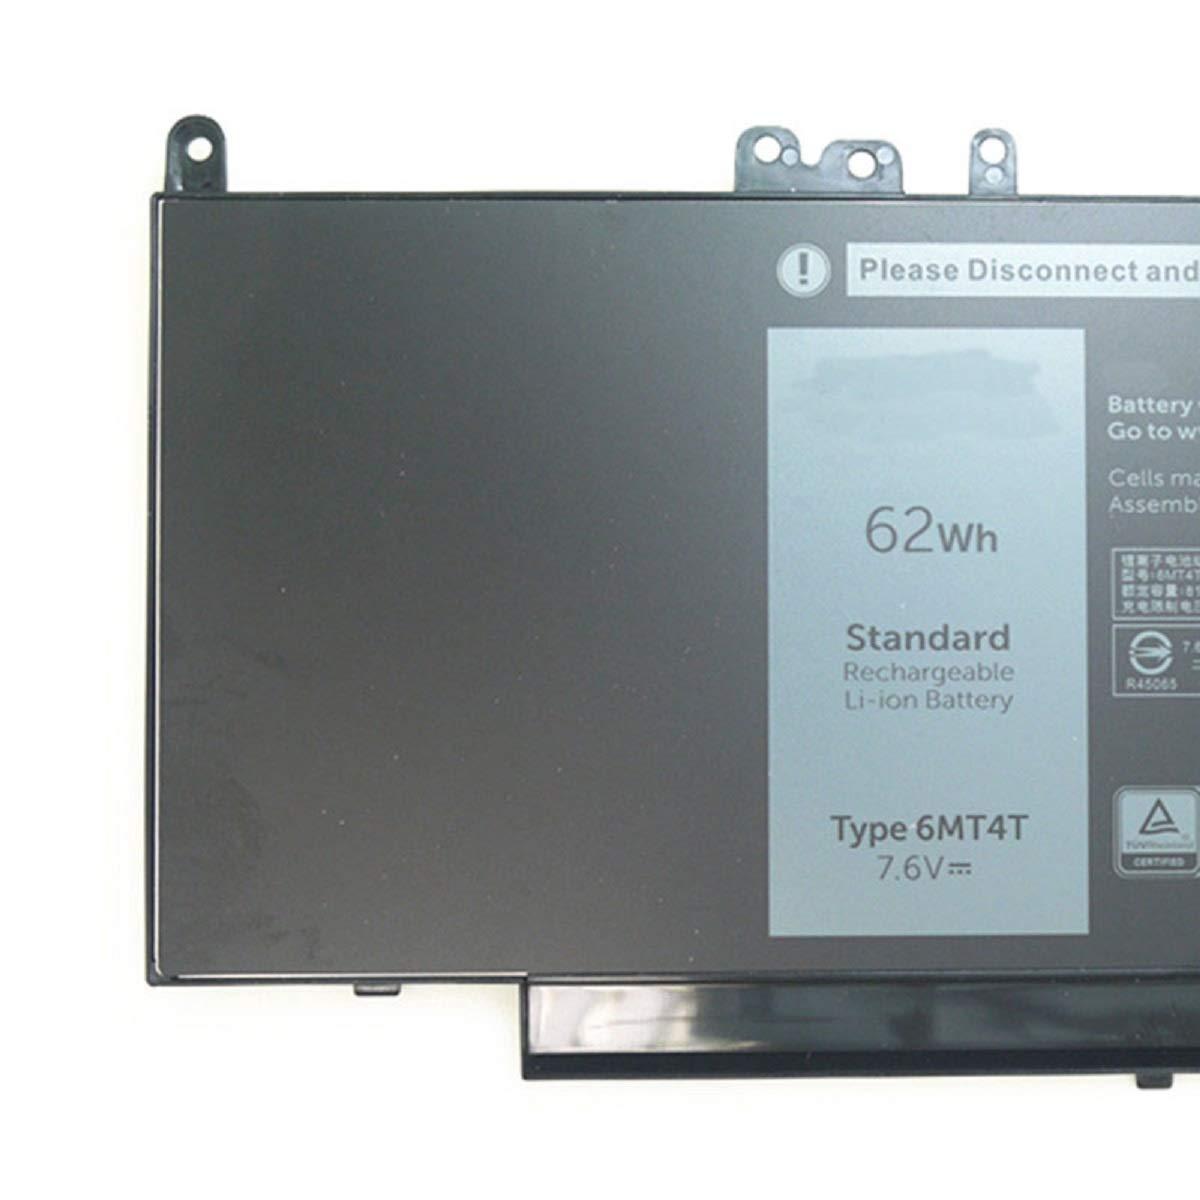 Dentsing 62Wh 6MT4T Battery for Dell Latitude E5470 E5570 Precision 3510 0HK6DV 079VRK TXF9M 0TXF9M by Dentsing (Image #2)